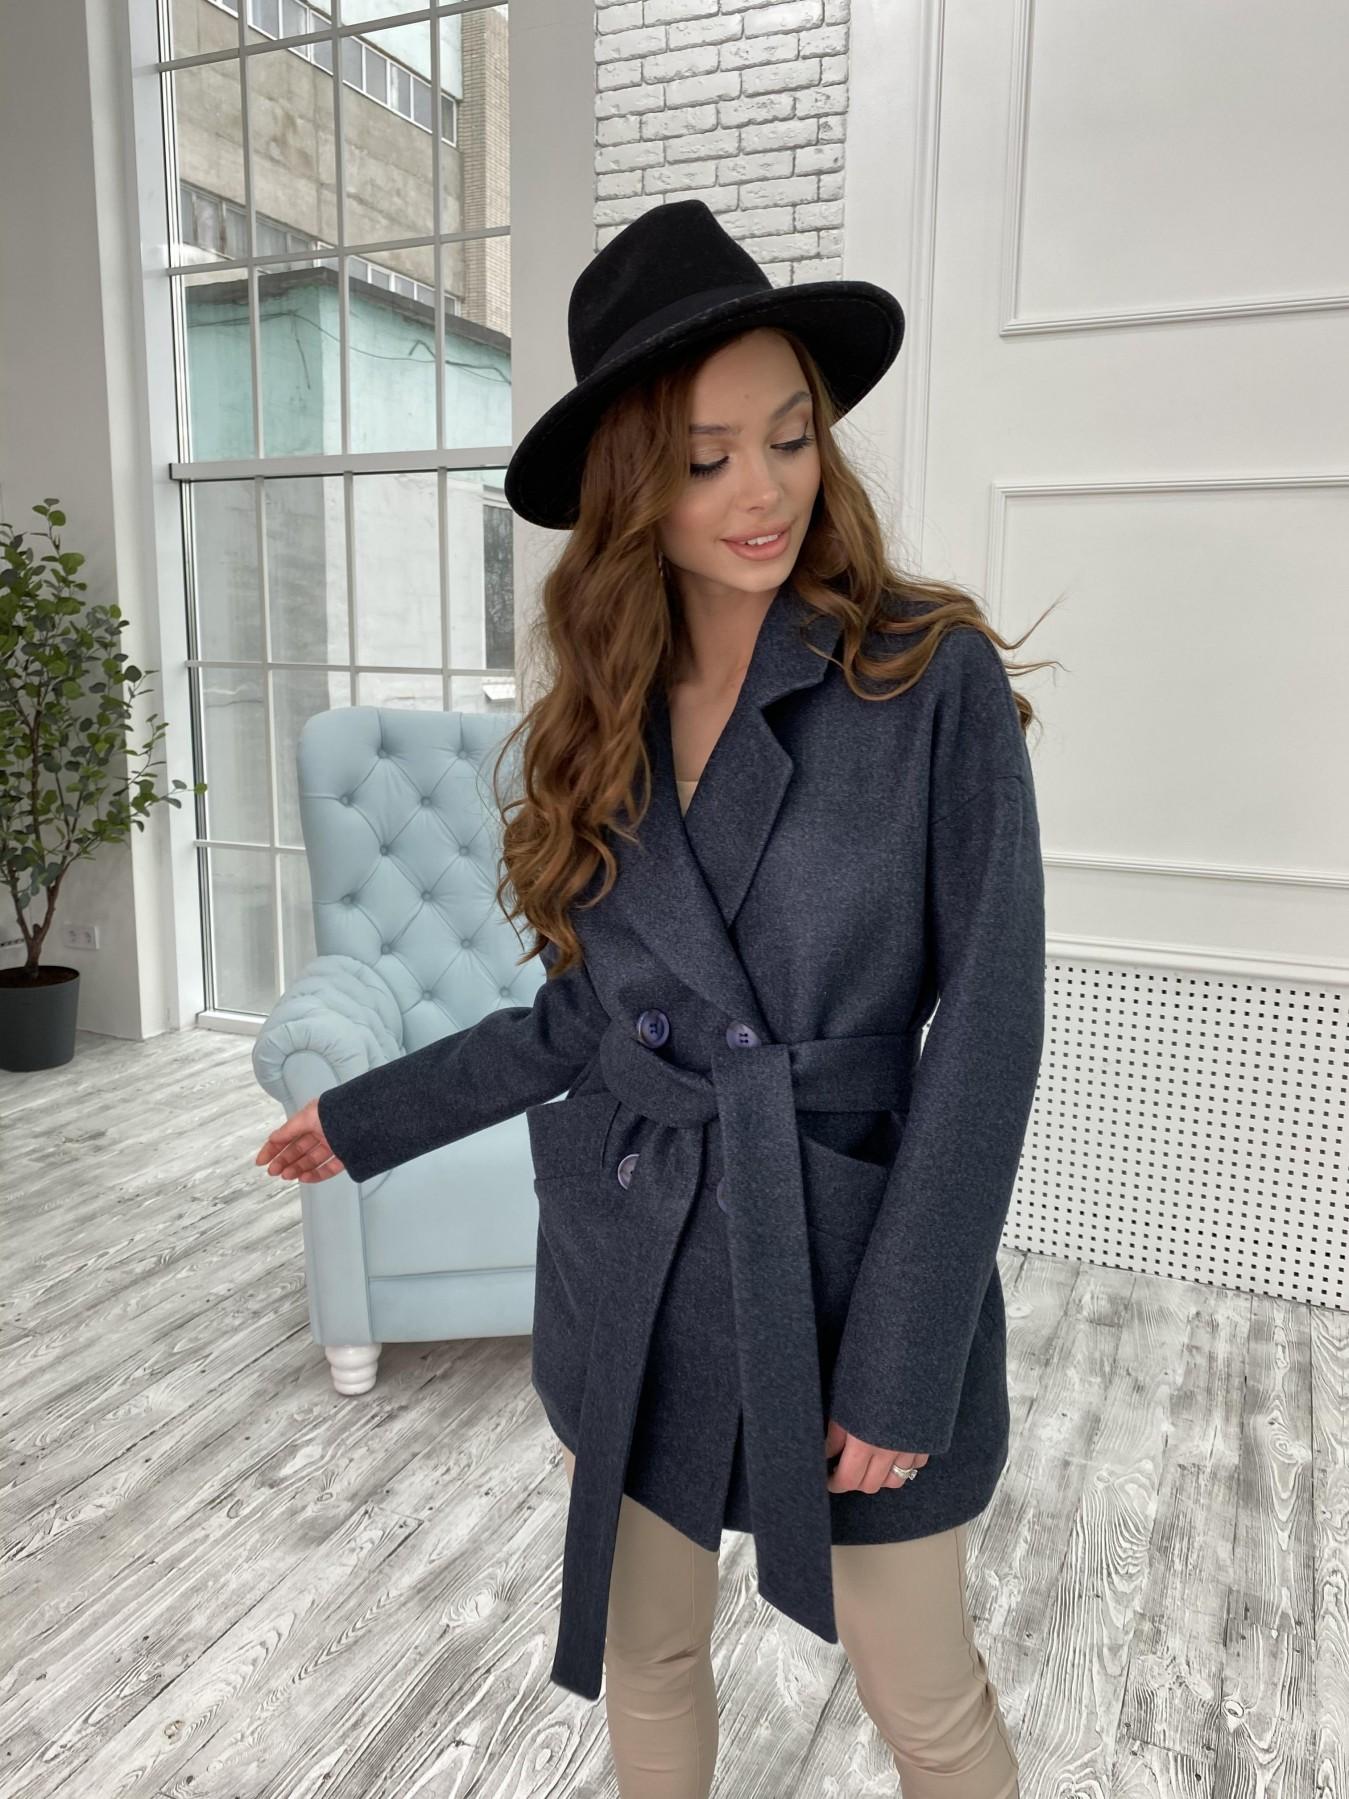 Бонд пальто  кашемировое меланж на трикотаже  10644 АРТ. 47186 Цвет: Т.синий 48 - фото 5, интернет магазин tm-modus.ru